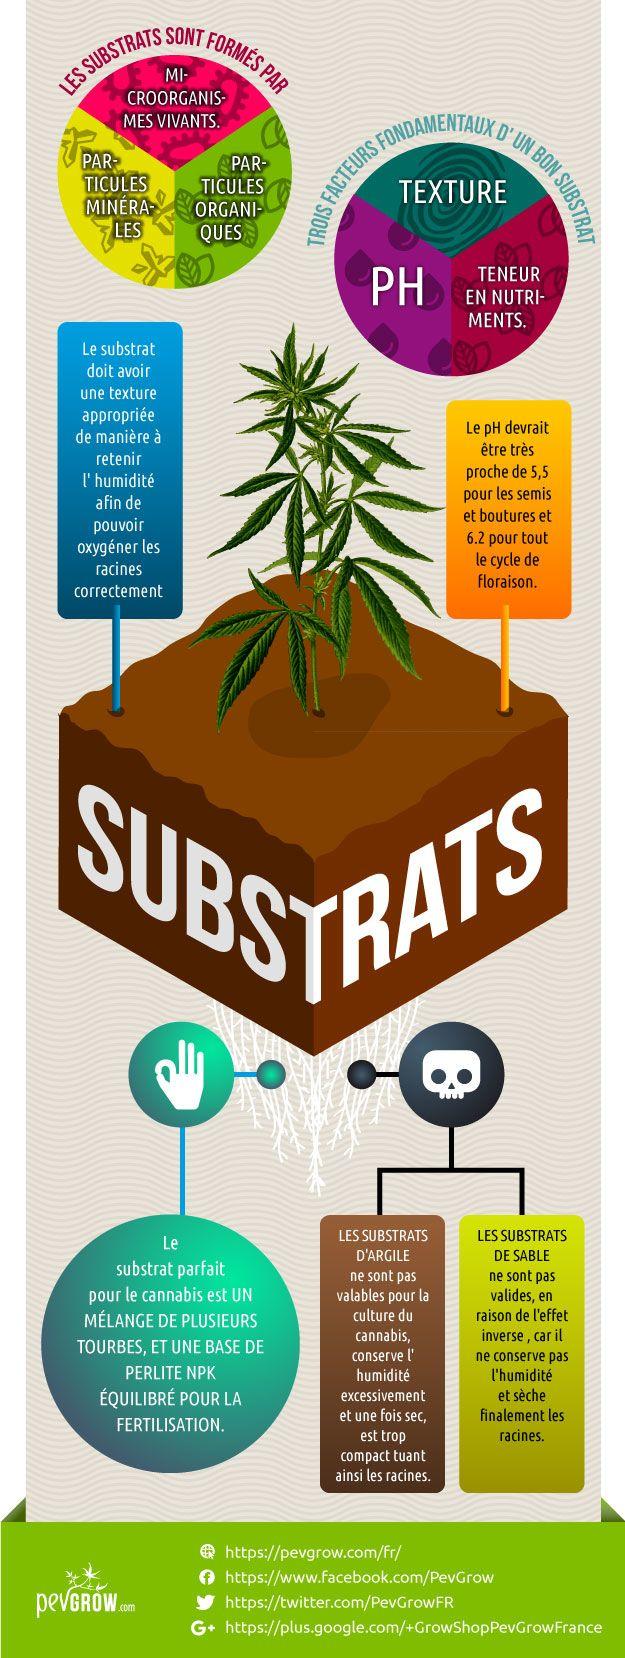 Infographie sur les substrats